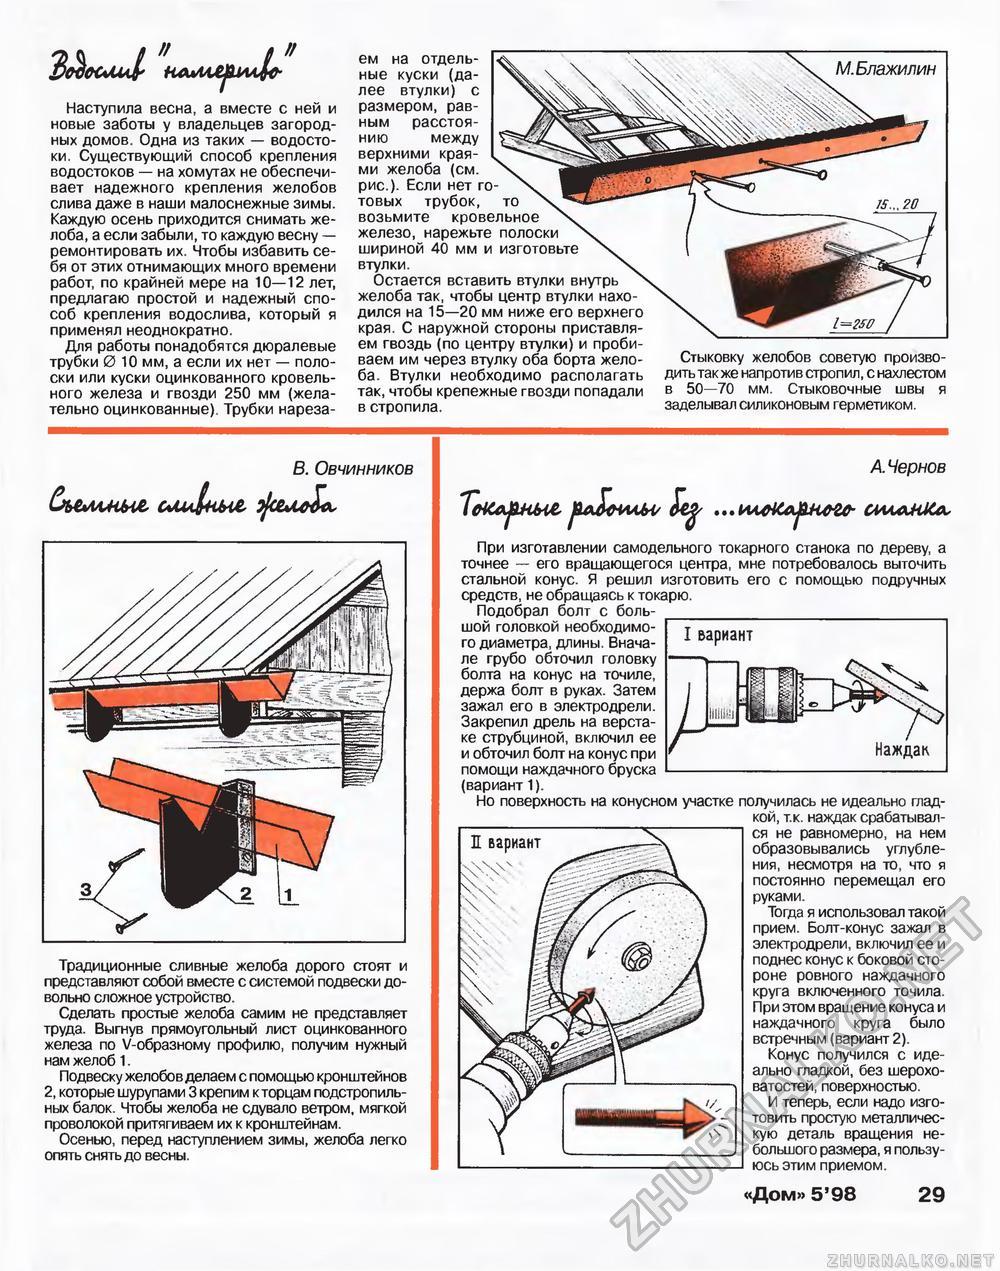 Водосток своими руками: самостоятельный монтаж, инструкция 18